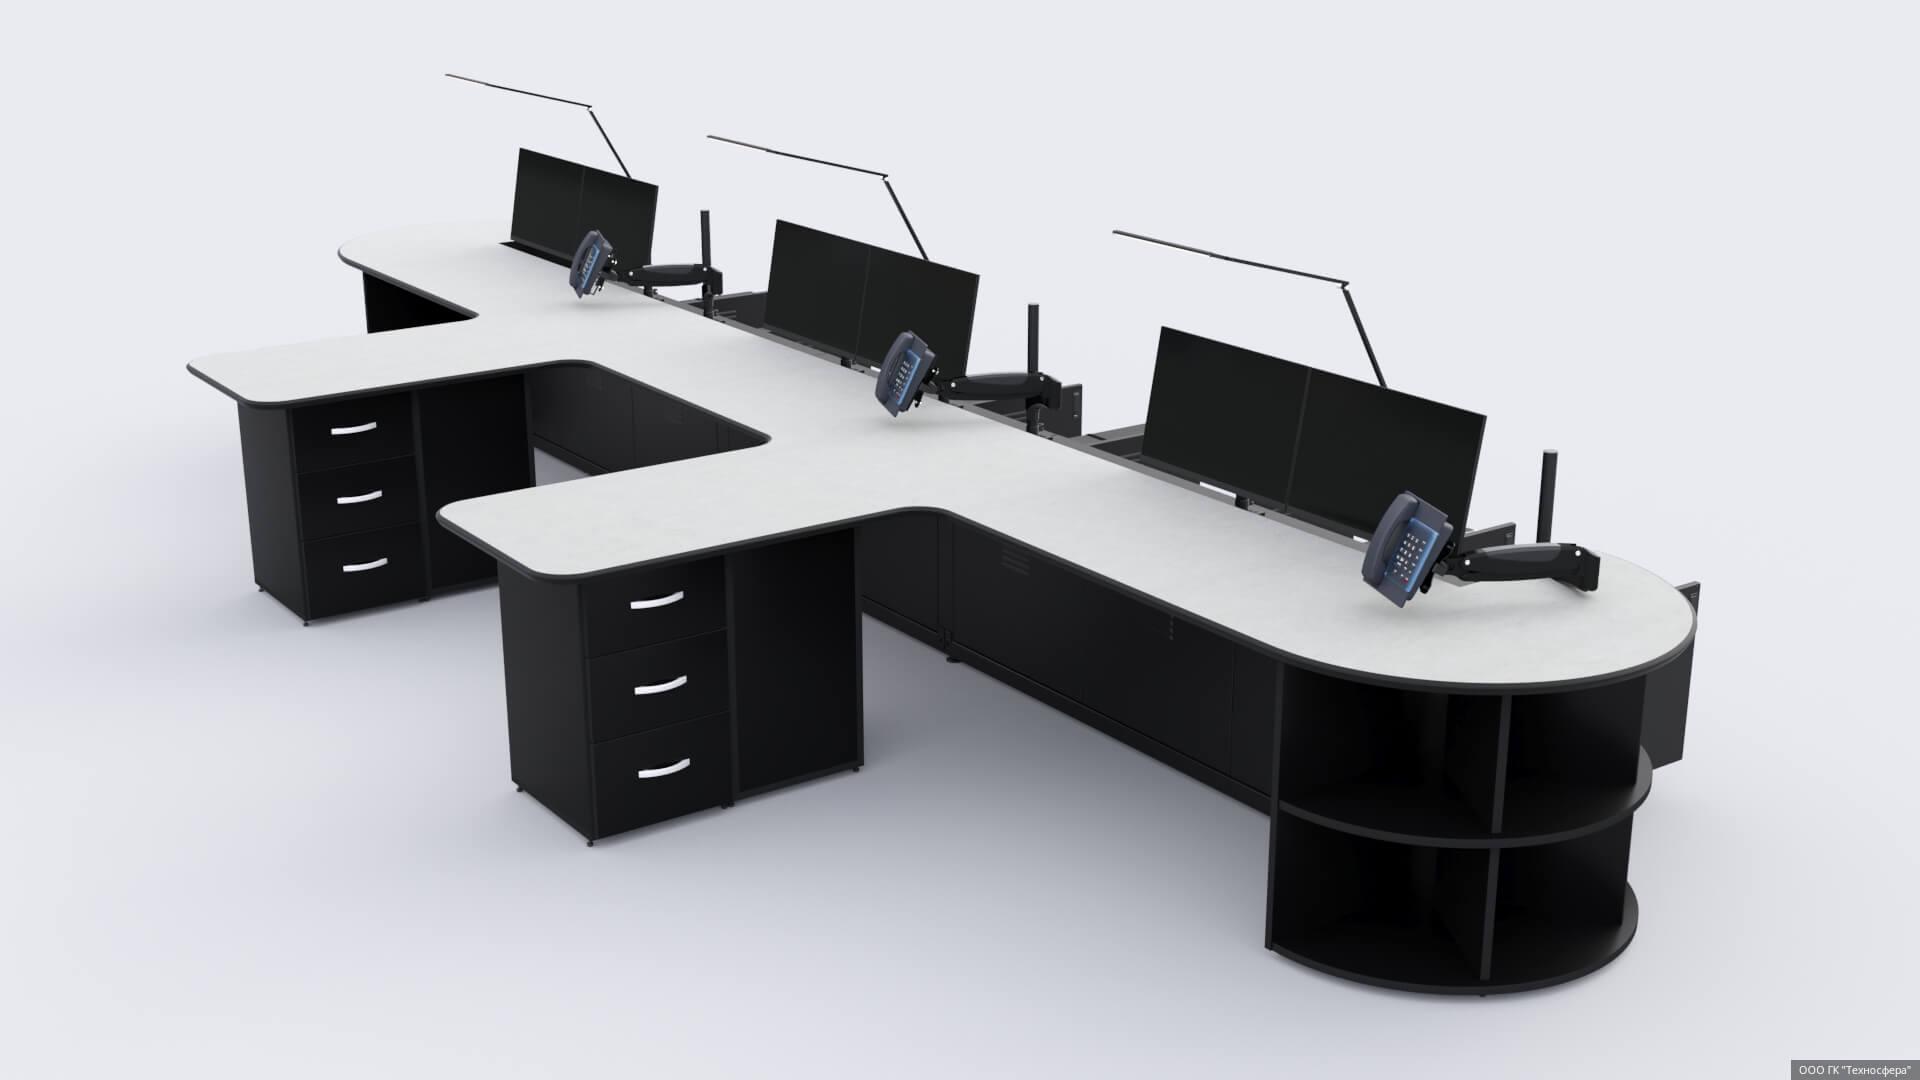 Повышение эффективности в аэропортах с помощью диспетчерской мебели